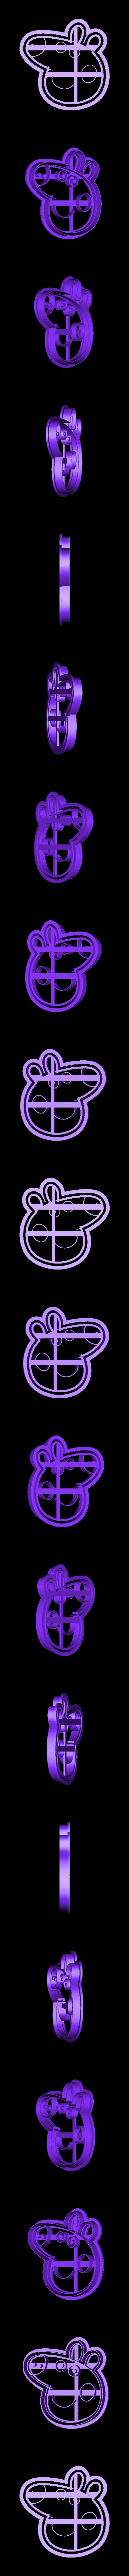 474 Peppa Cara dos piezas.stl Download STL file Peppa pig Cookie cutter • 3D printable model, juanchininaiara